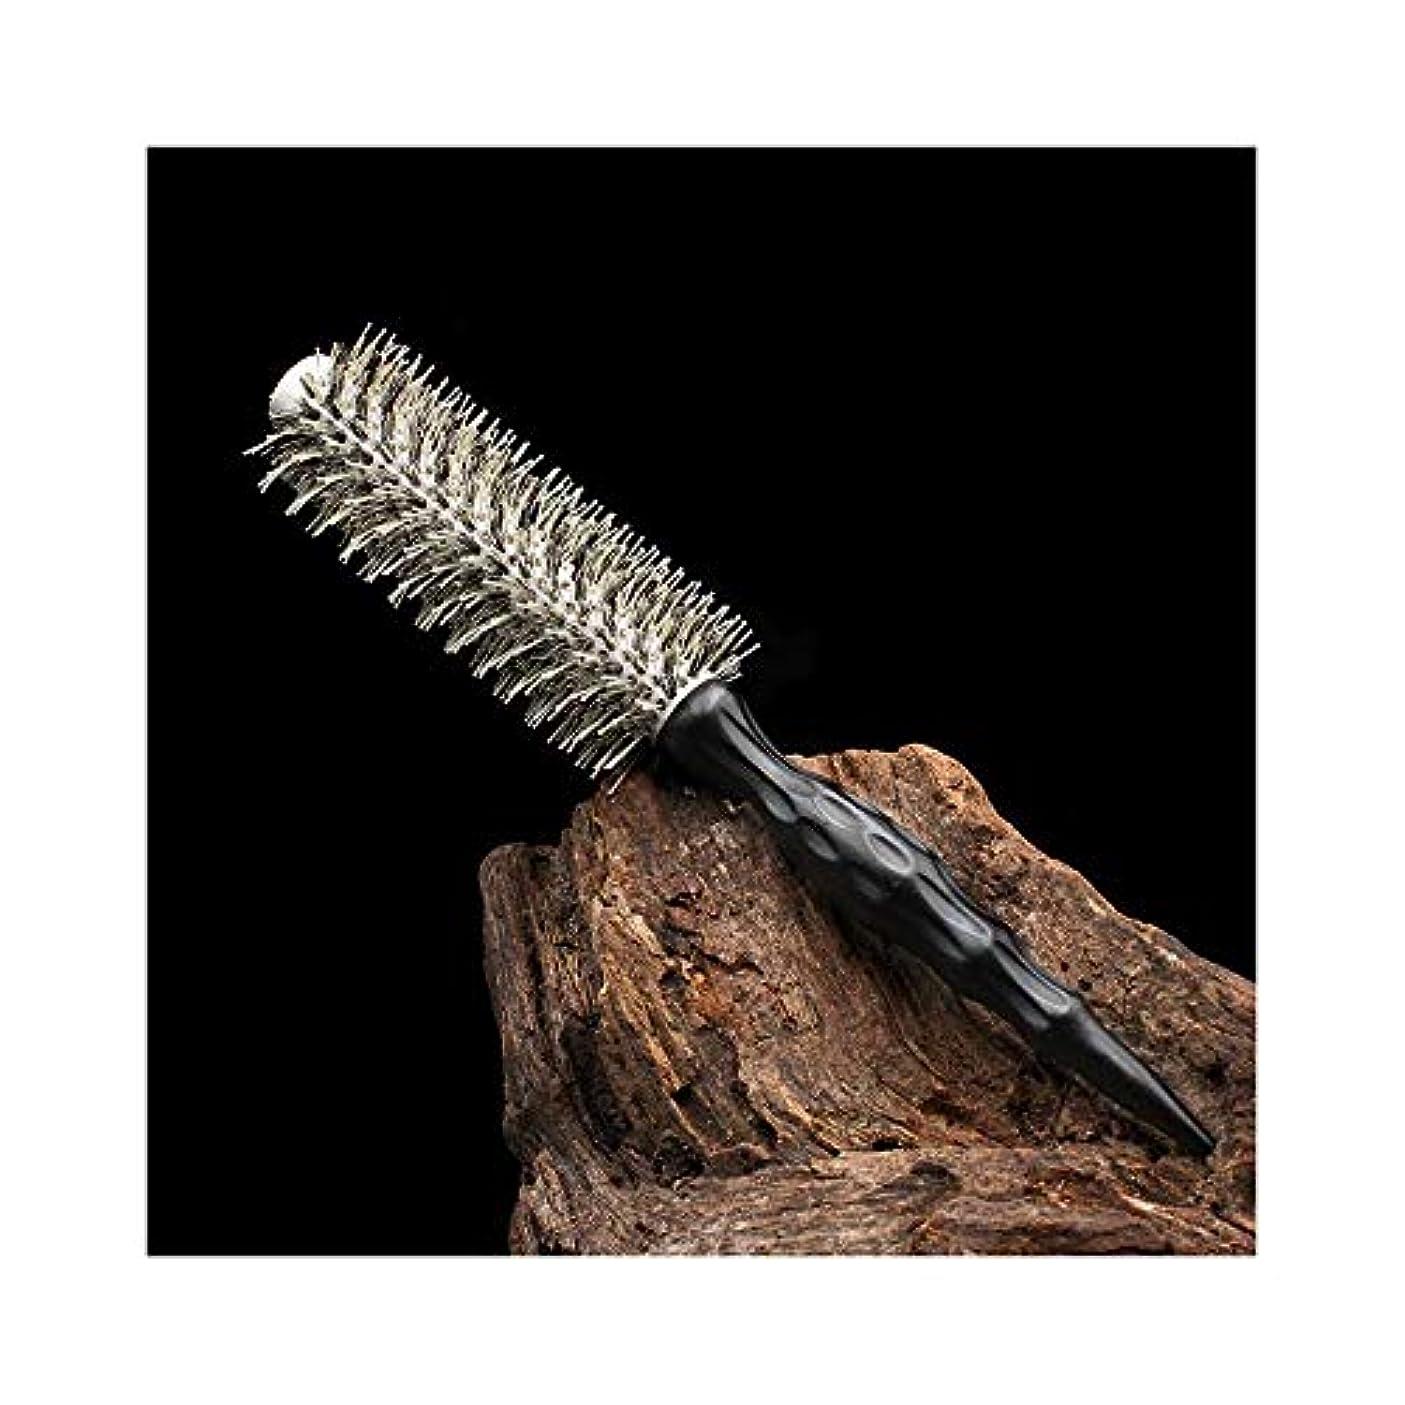 対抗主あごひげヘアーサロンデザインローリングくしについてはFashianカーリーヘアくし帯電防止ヘアブラシ ヘアケア (サイズ : L)